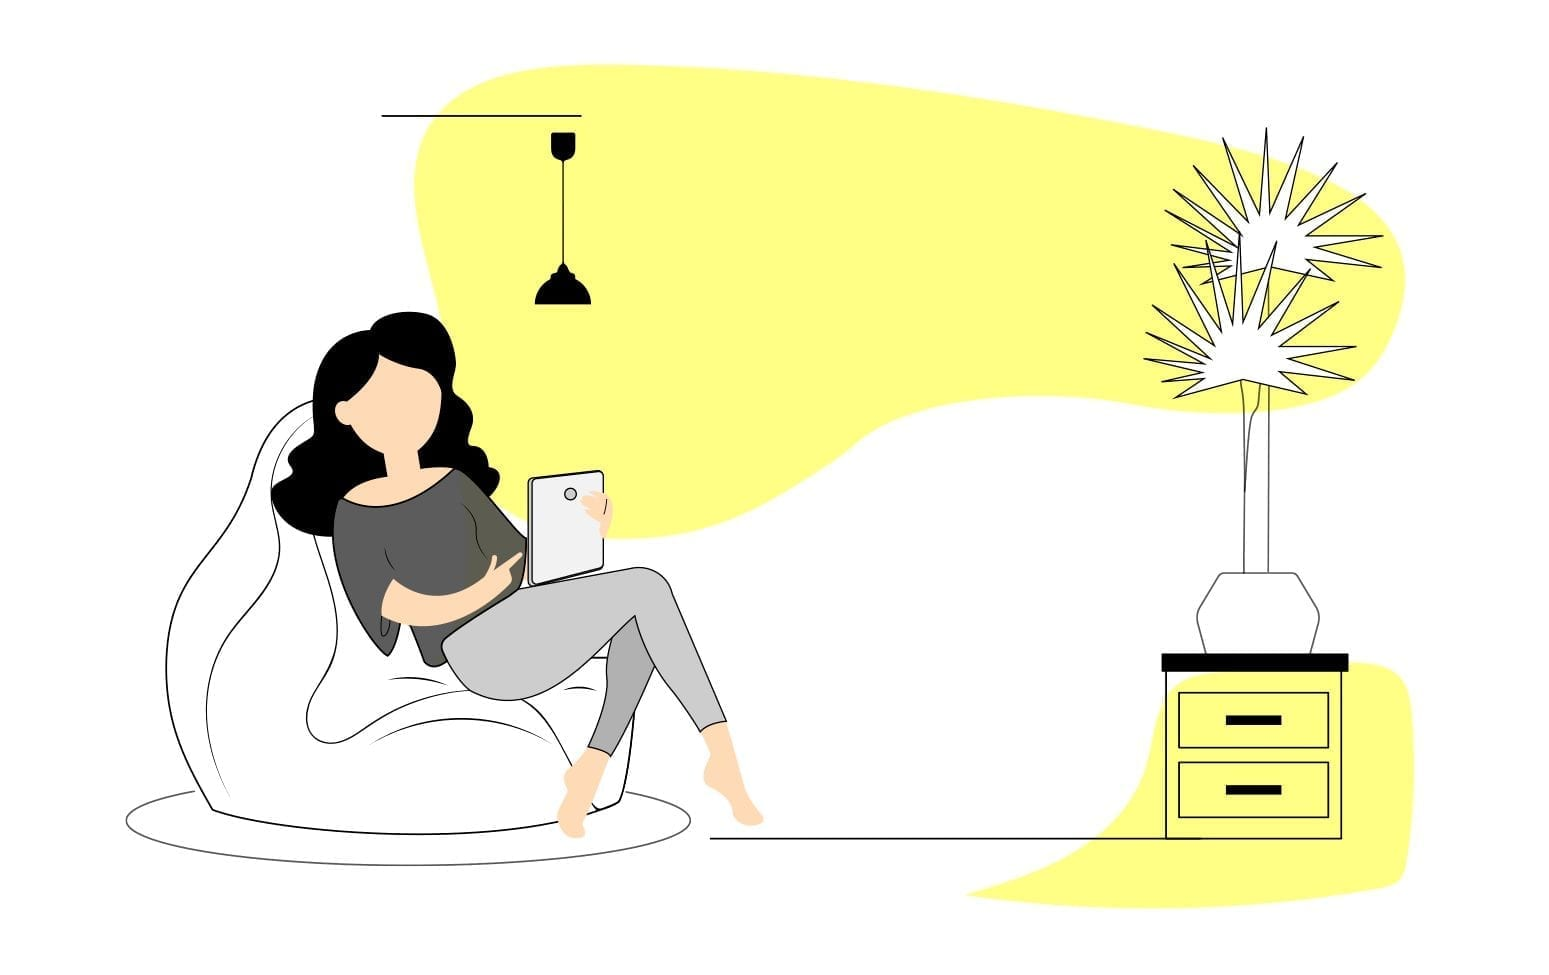 Mujer-sentada-leyendo-libro